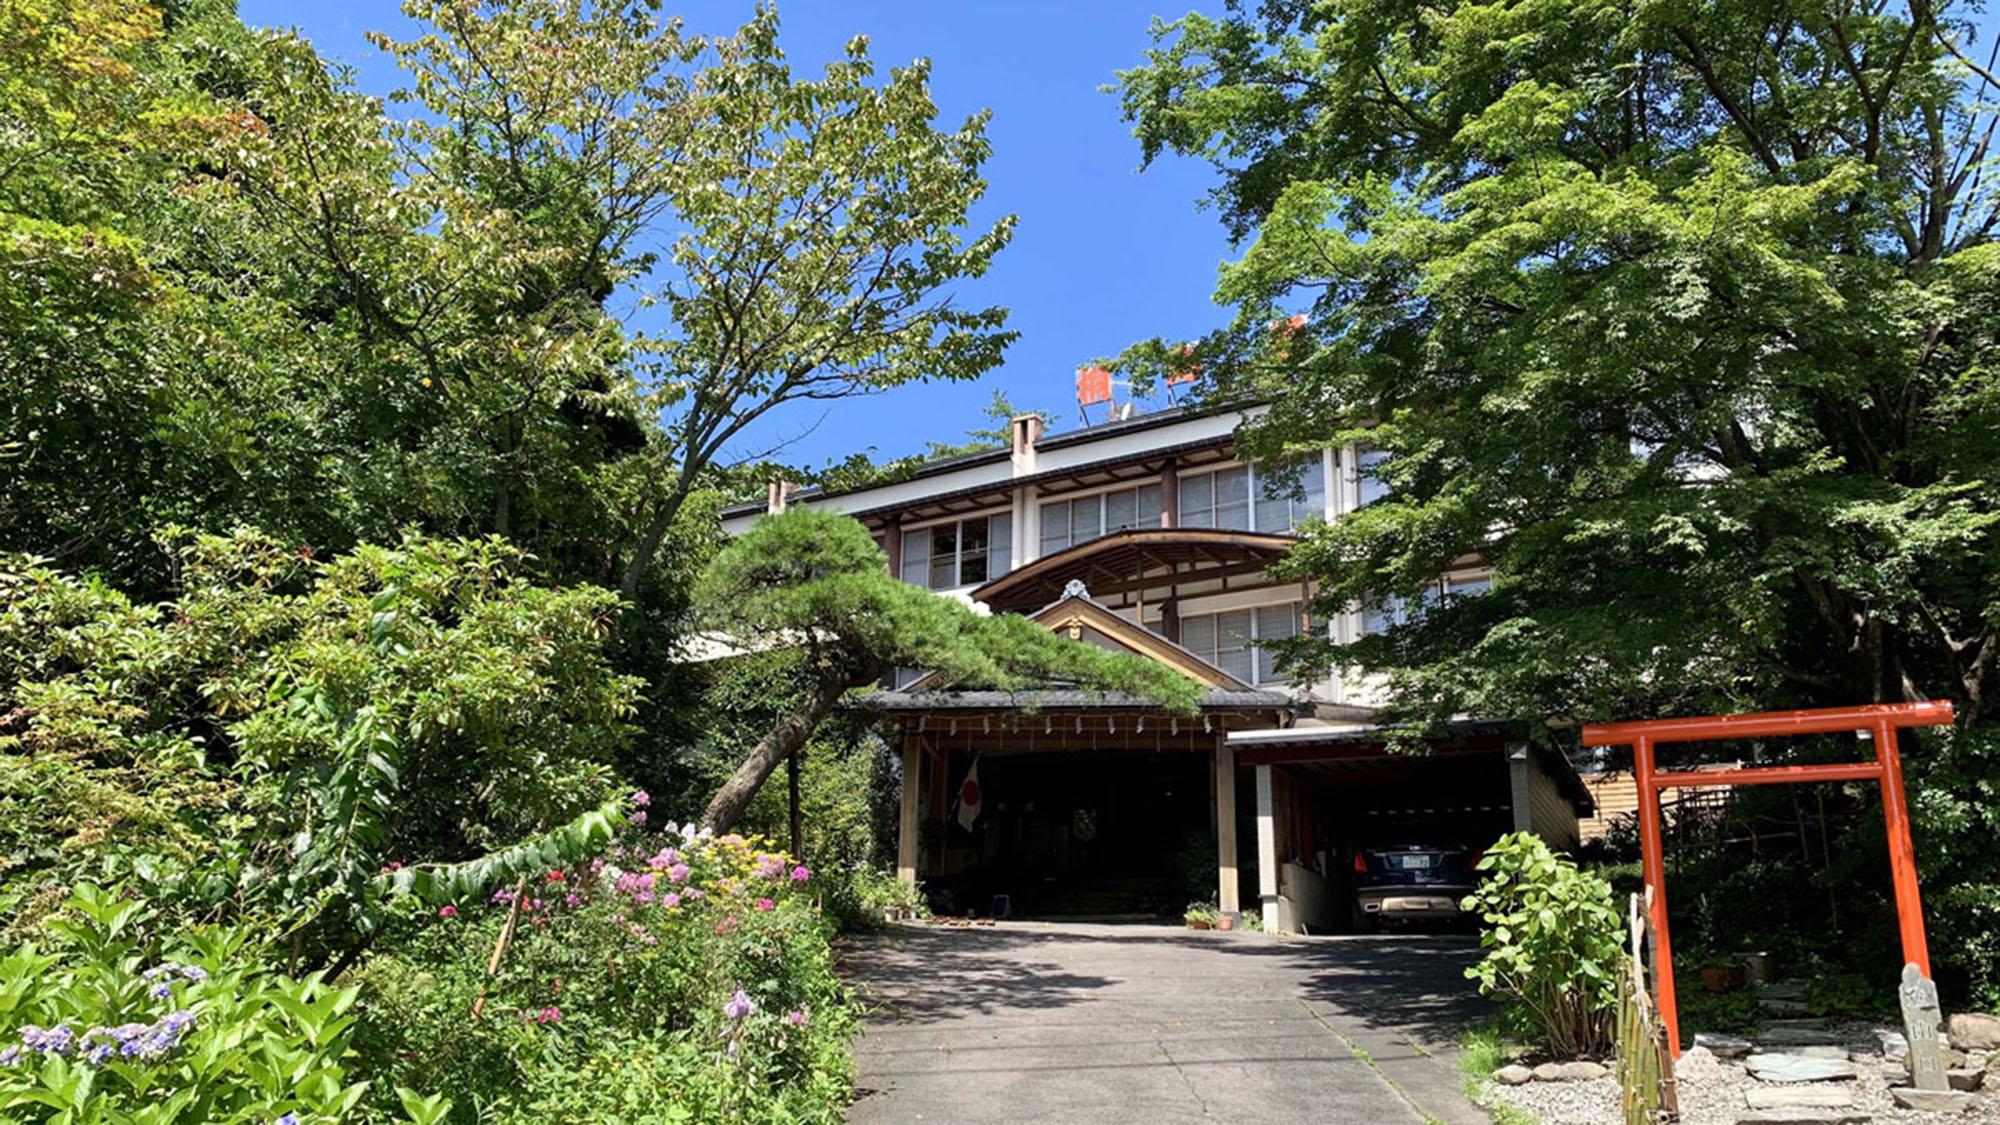 桐島屋旅館◆楽天トラベル